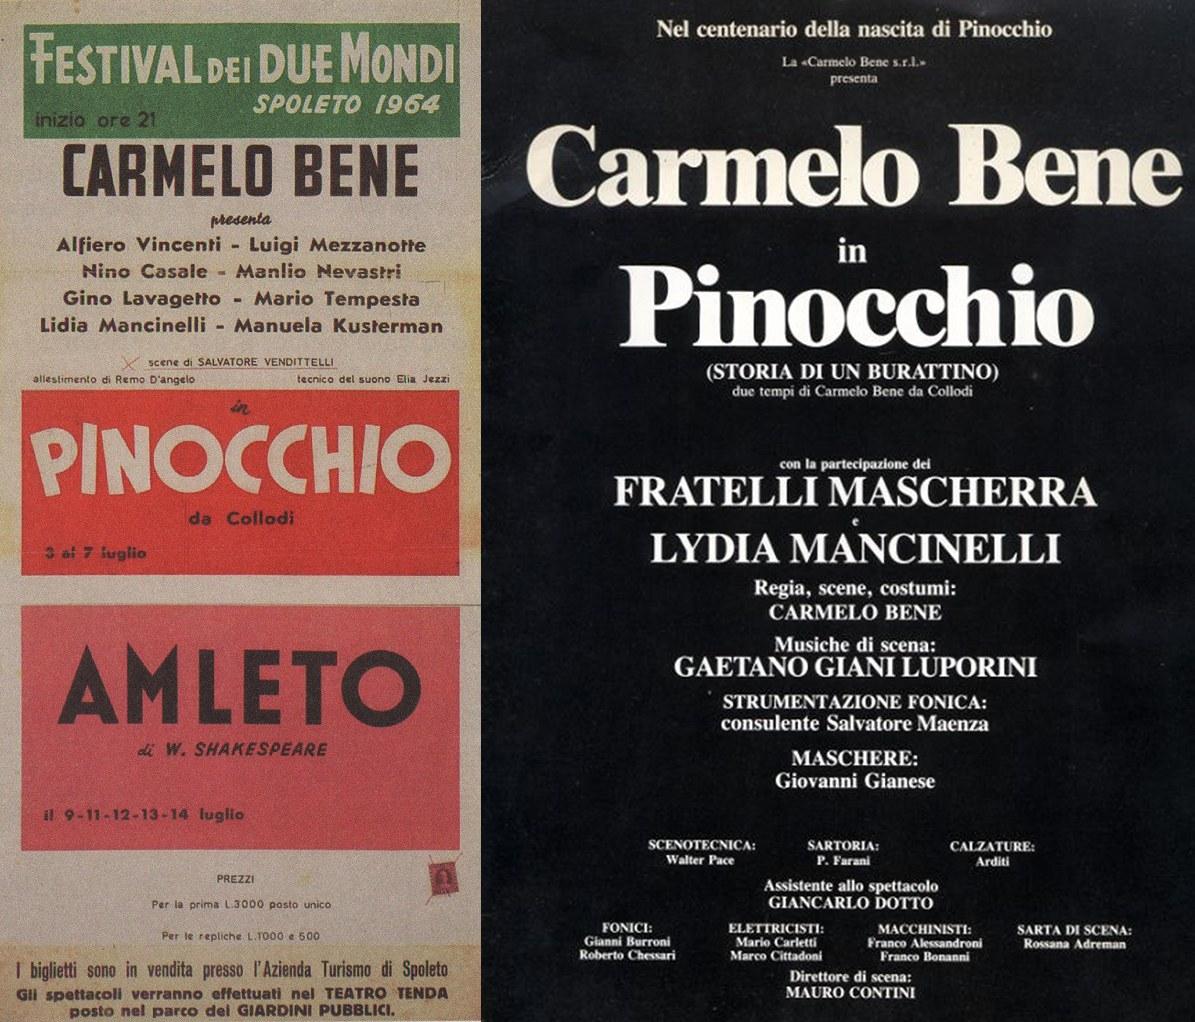 Fig. 1.Carmelo Bene, Pinocchio, 1964,Locandina -Carmelo Bene, Pinocchio, 1981, Locandina